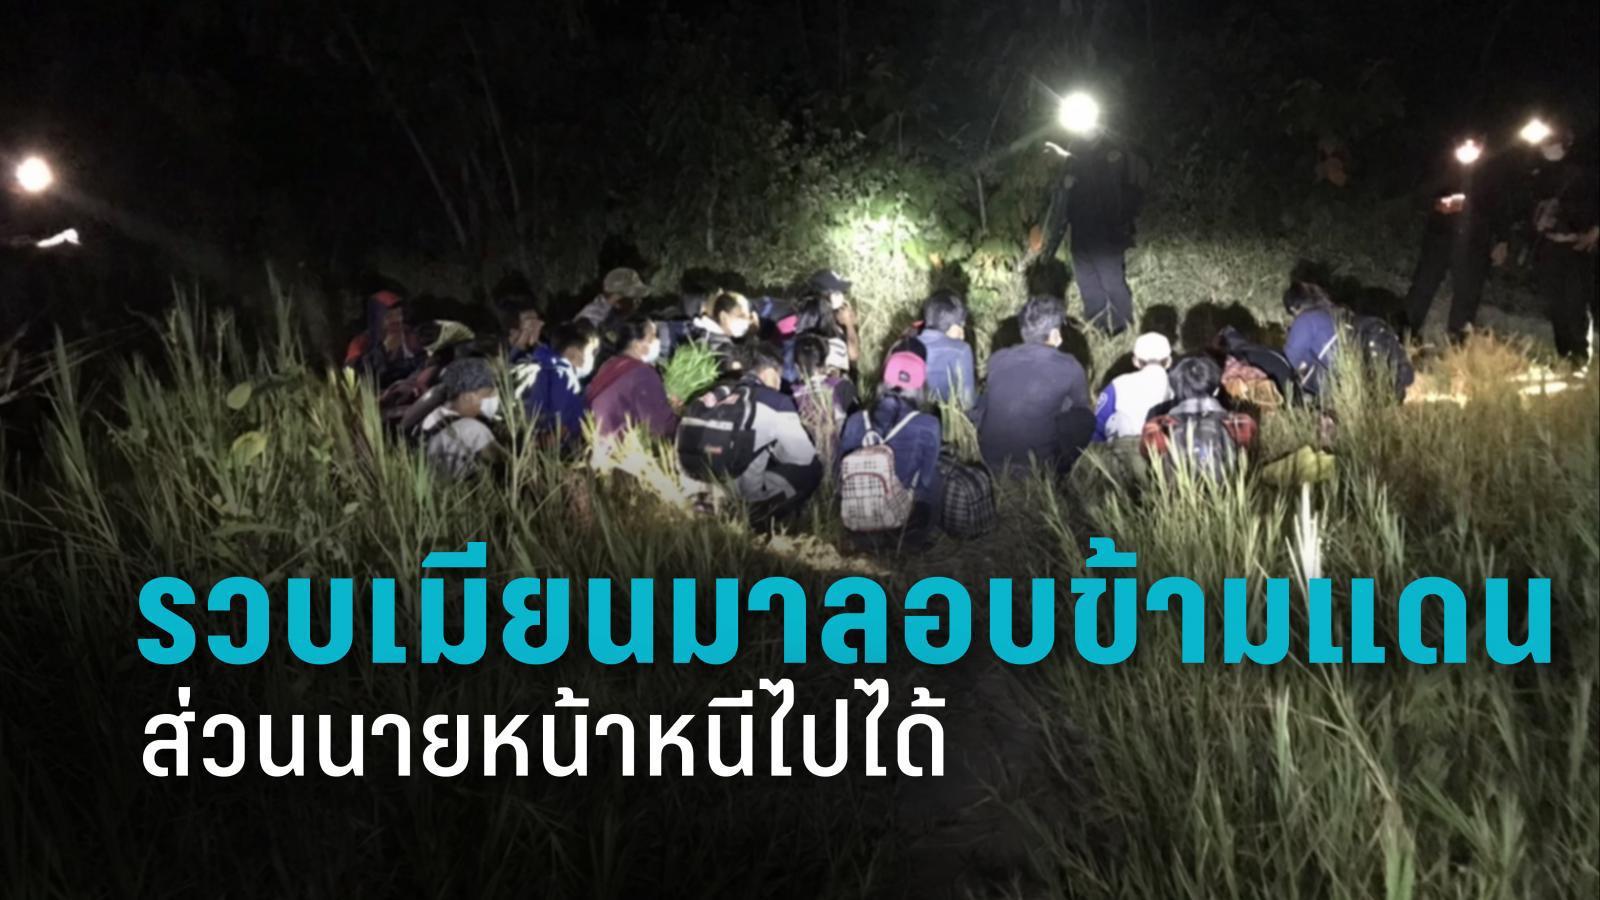 รวบเมียนมา 25 คนลอบเข้ามืองกาญจนบุรีผ่านช่องทางธรรมชาติ